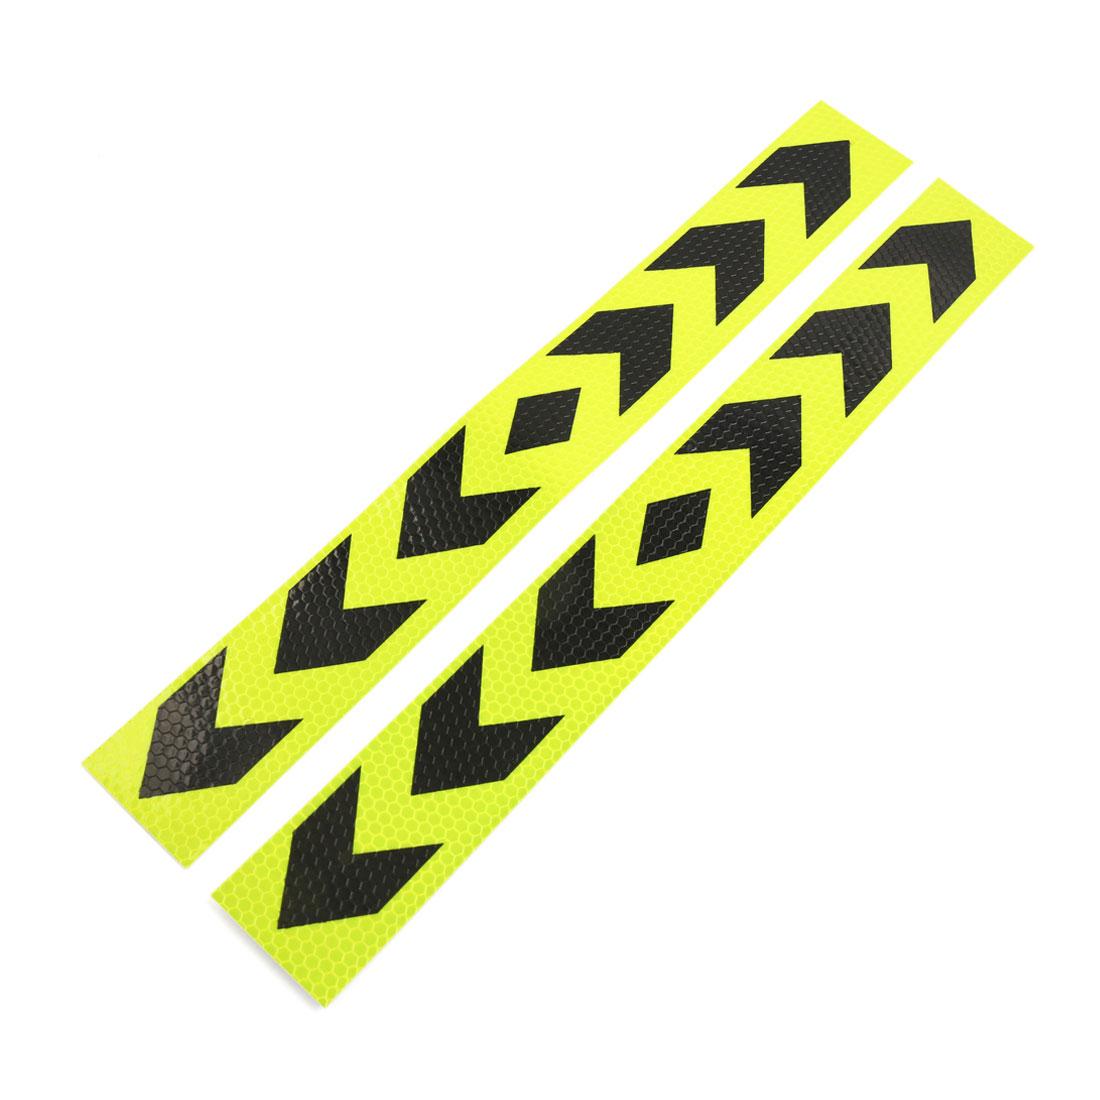 20Pcs Yellow Black Arrow Printed Car Self-adhesive Reflective Warning Sign Strip